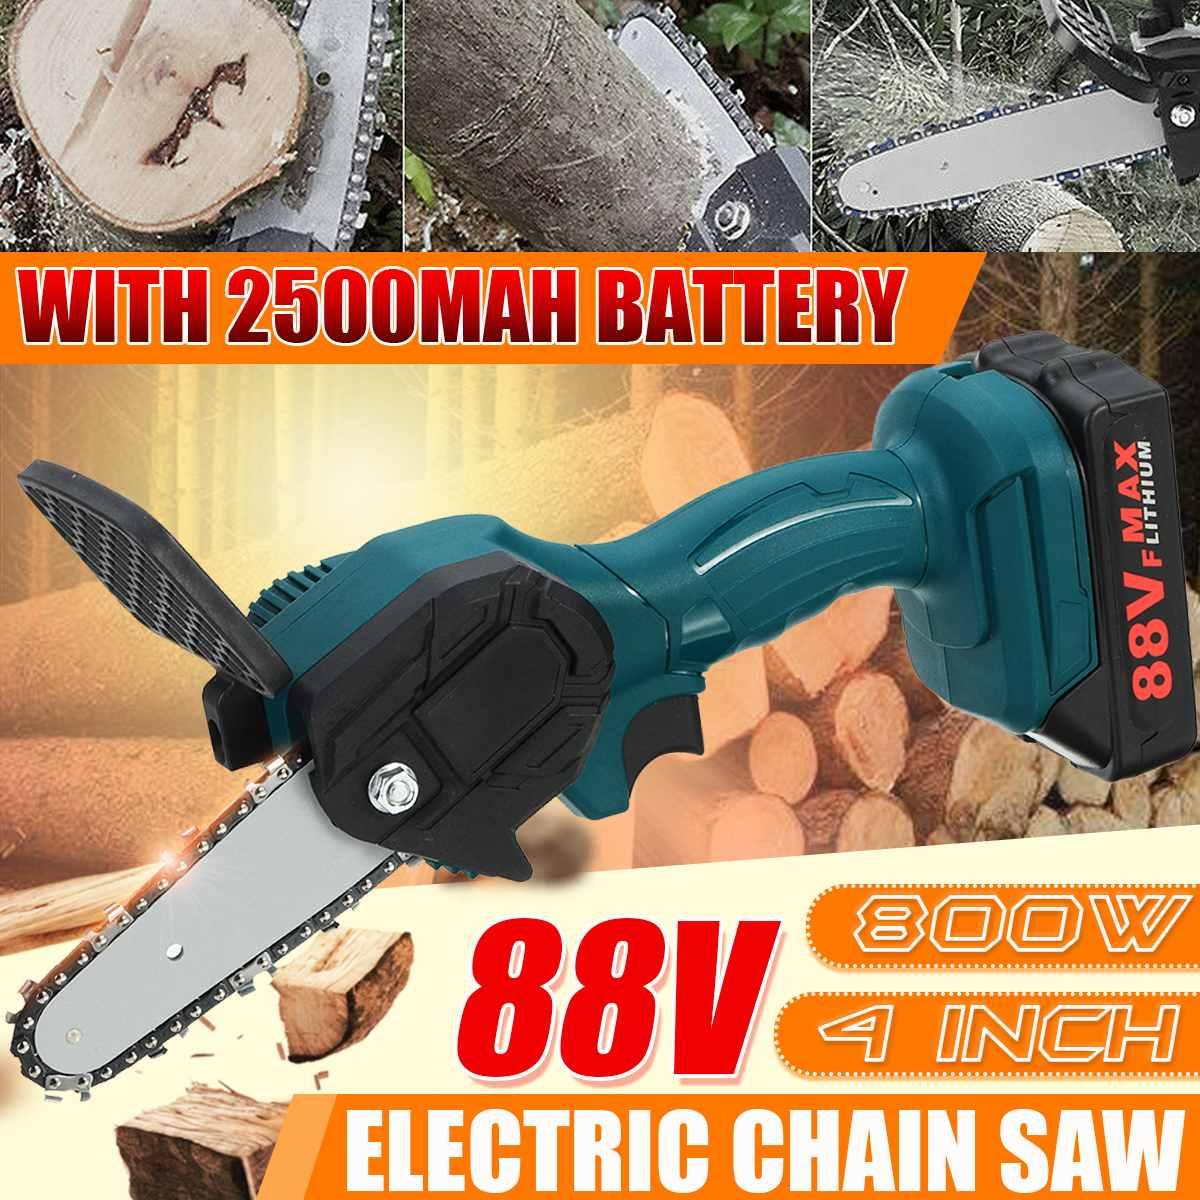 88v 800w serra de corrente elétrica bateria de lítio mini poda ferramenta de jardim com serra de corrente ferramenta de madeira recarregável